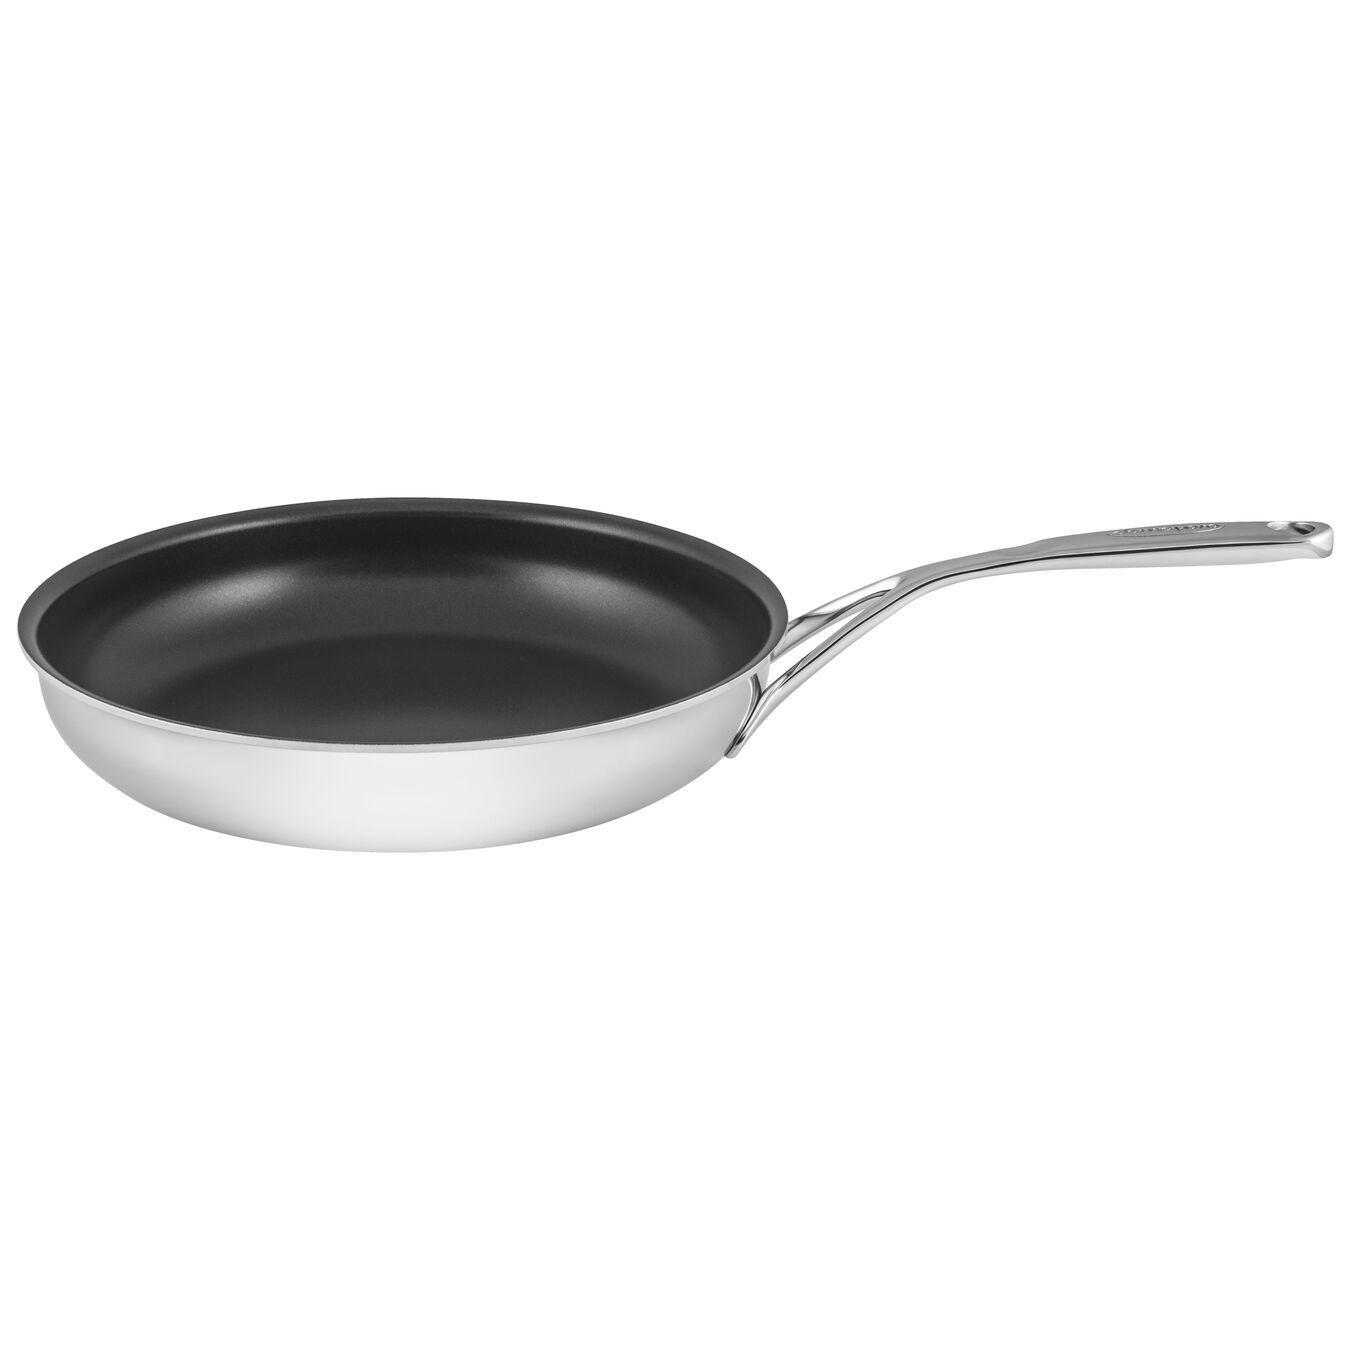 Poêle 28 cm, Inox 18/10, Silver-Black,,large 1